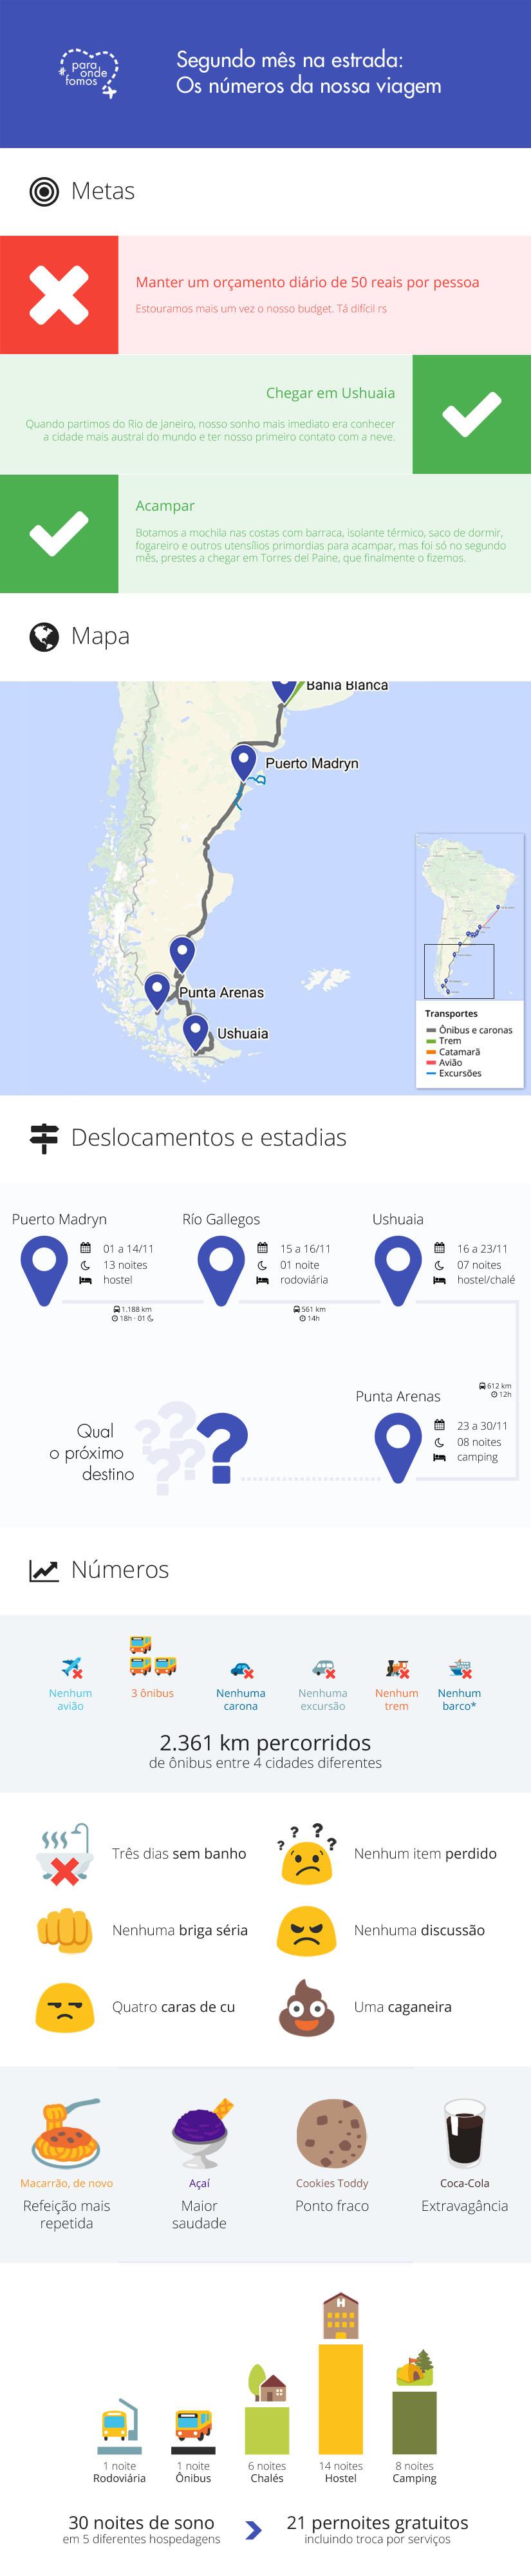 Infográfico — Segundo mês na estrada: os números da nossa viagem